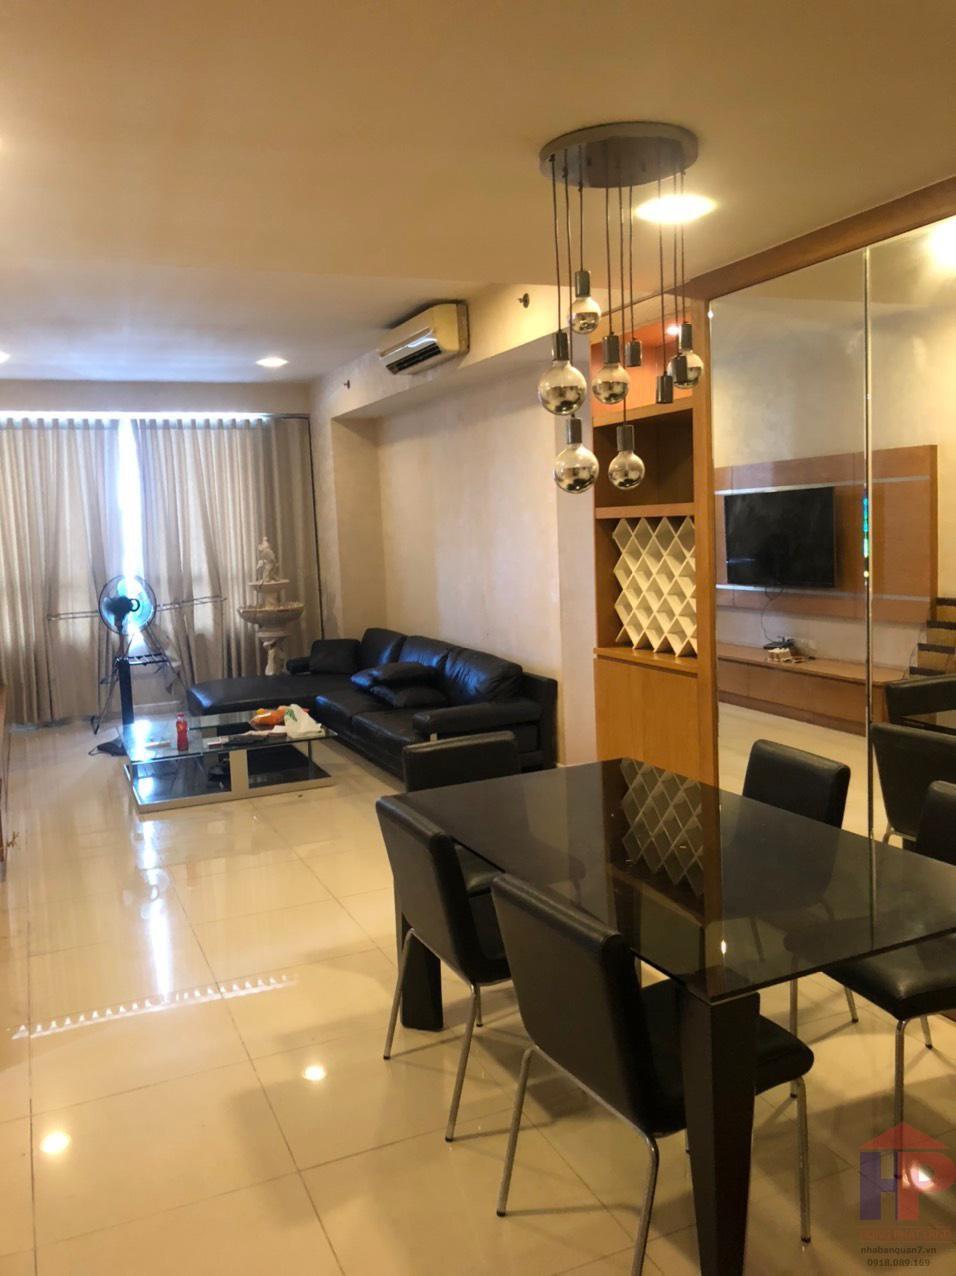 Bán căn hộ Sunrise City South, Nguyễn Hữu Thọ, Phường Tân Hưng DT 130m2 Giá 6 tỷ LH 0909477288